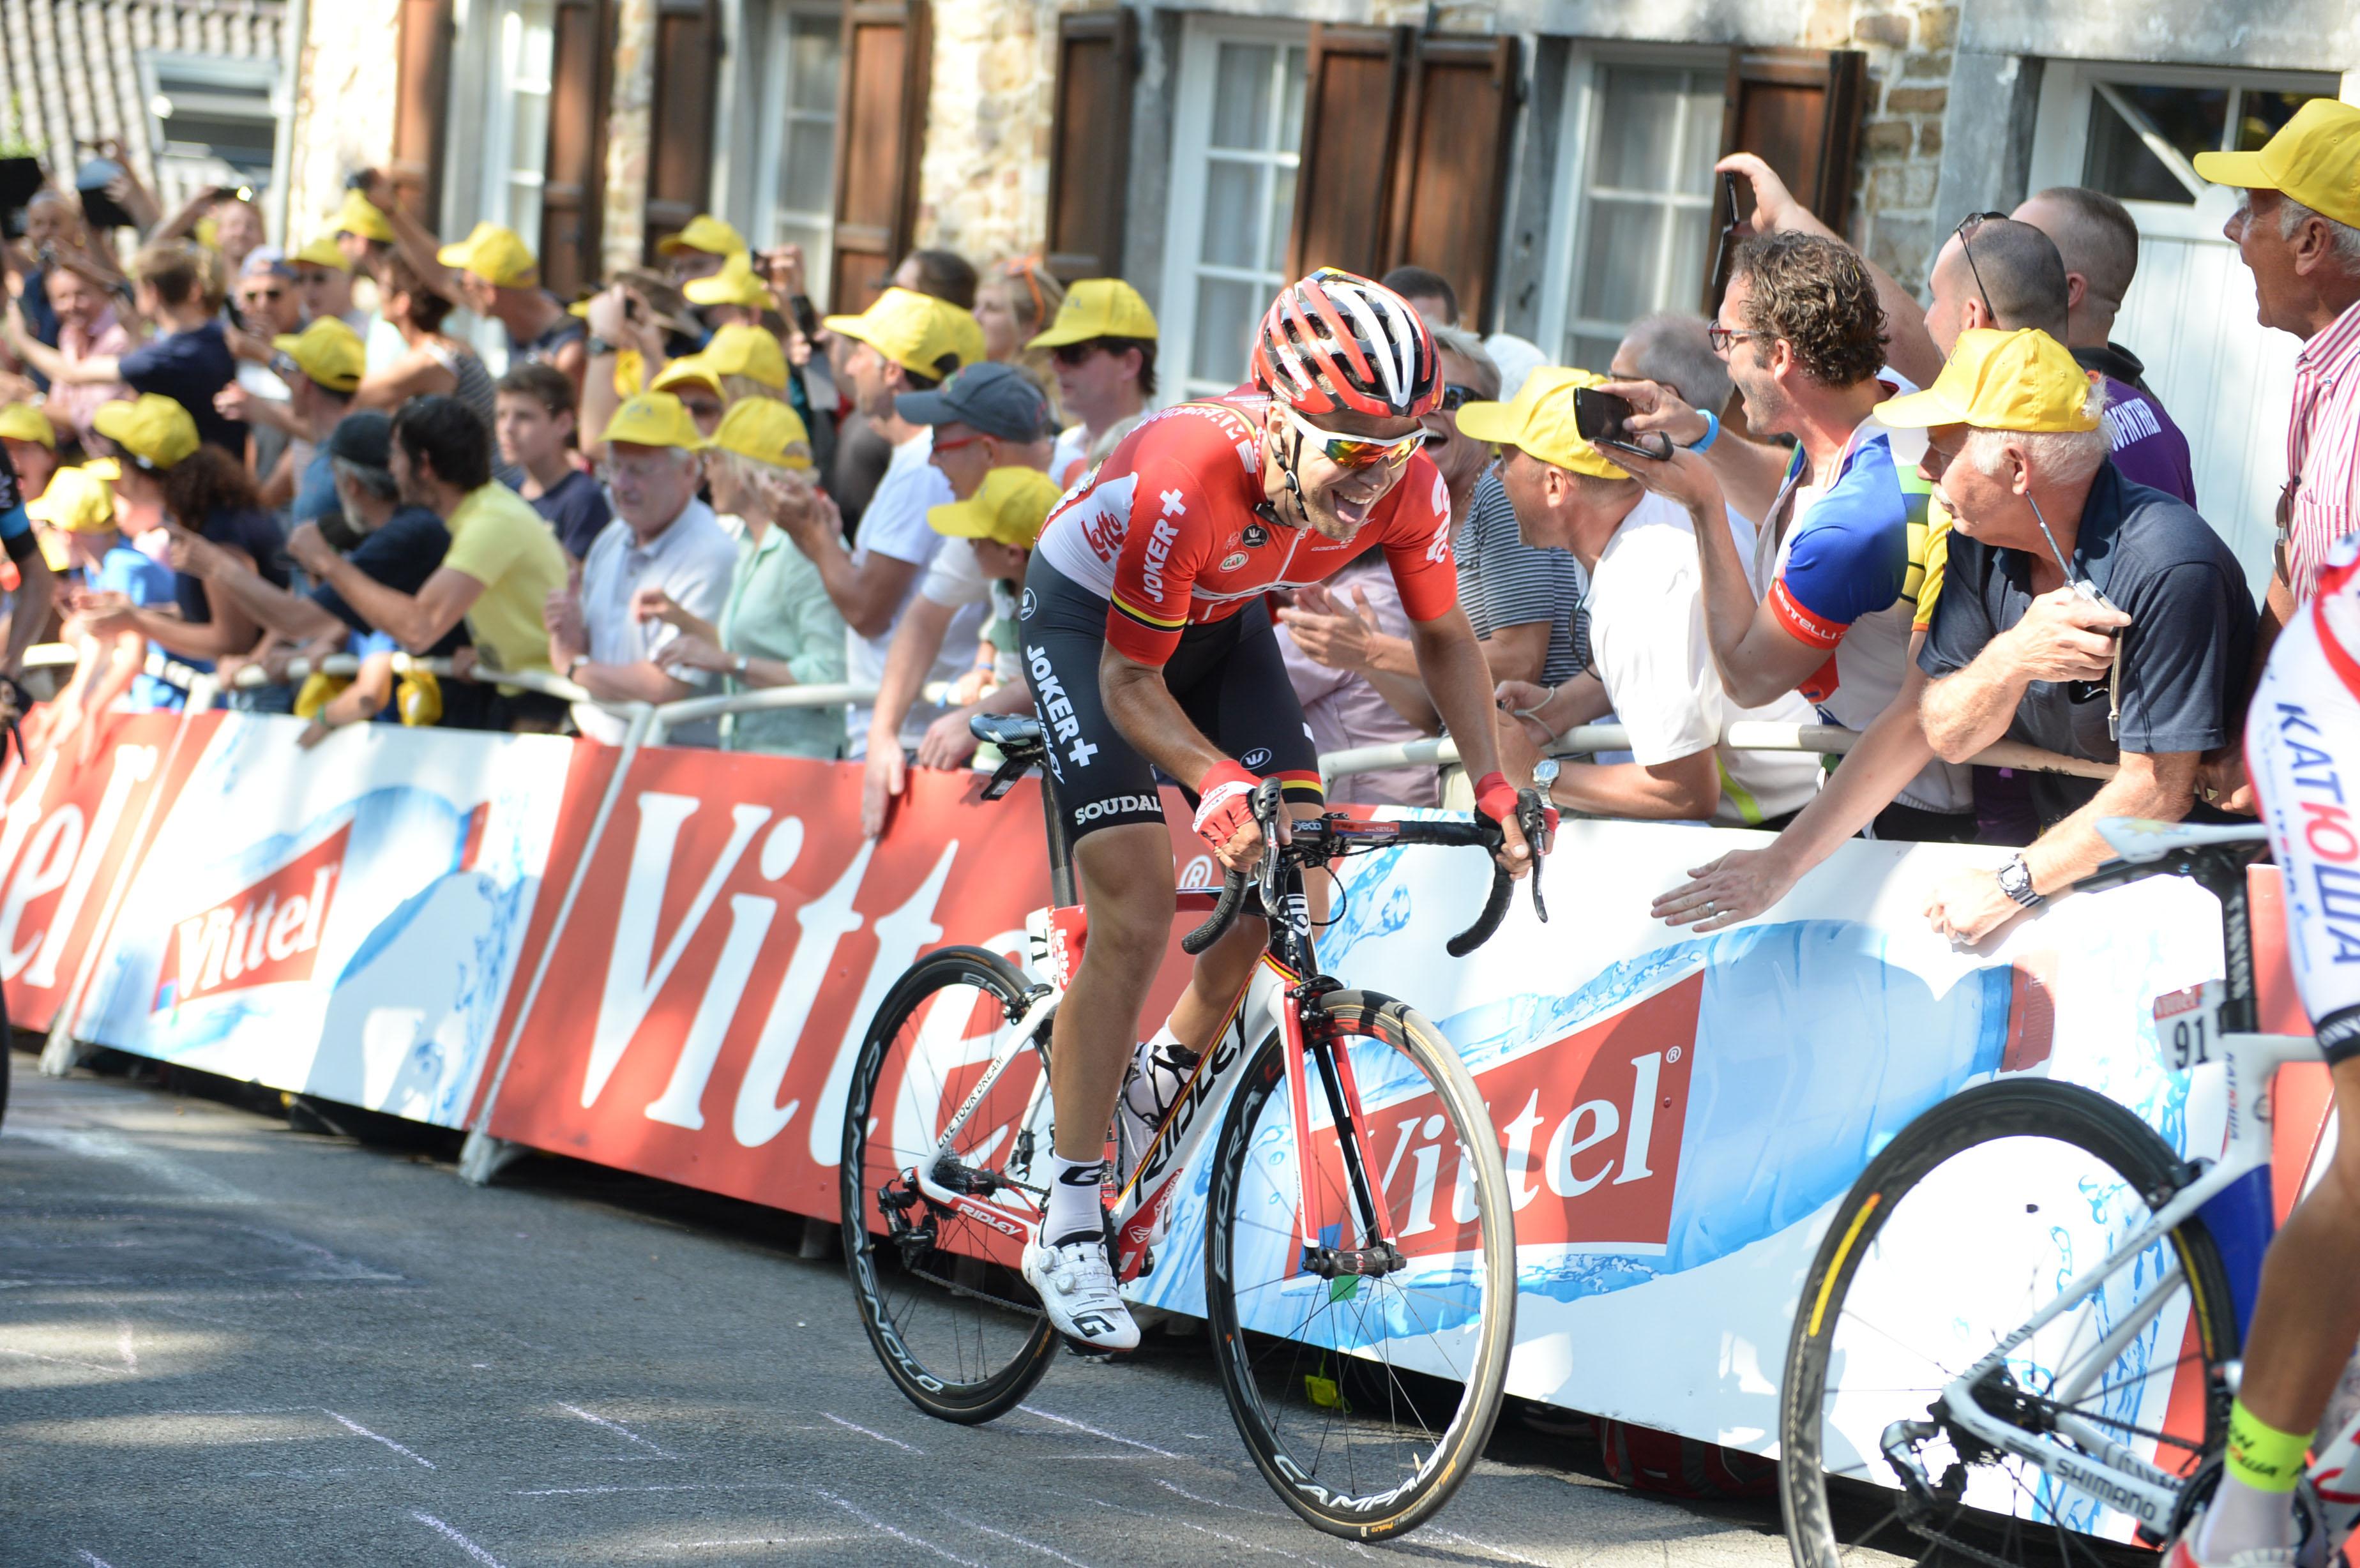 Tony Gallopin - Tour de France 2015. (pic: Sirotti)(